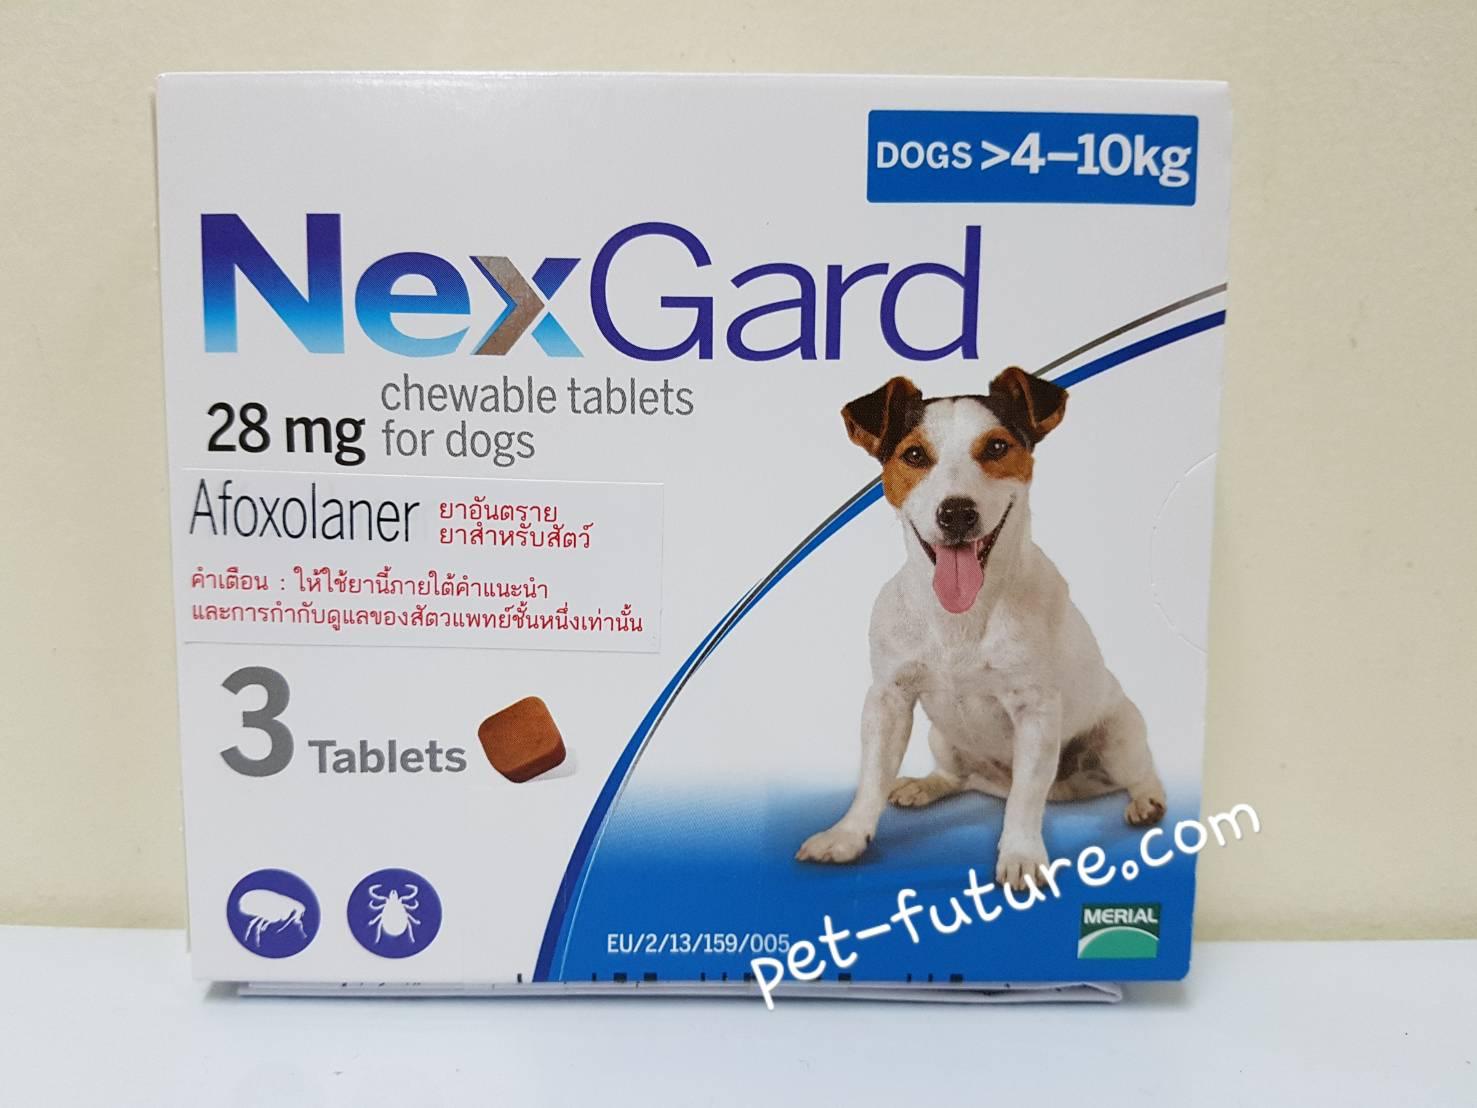 NexGard dogs 4-10 kg. . Exp.12/18 ขนาด 28 mg